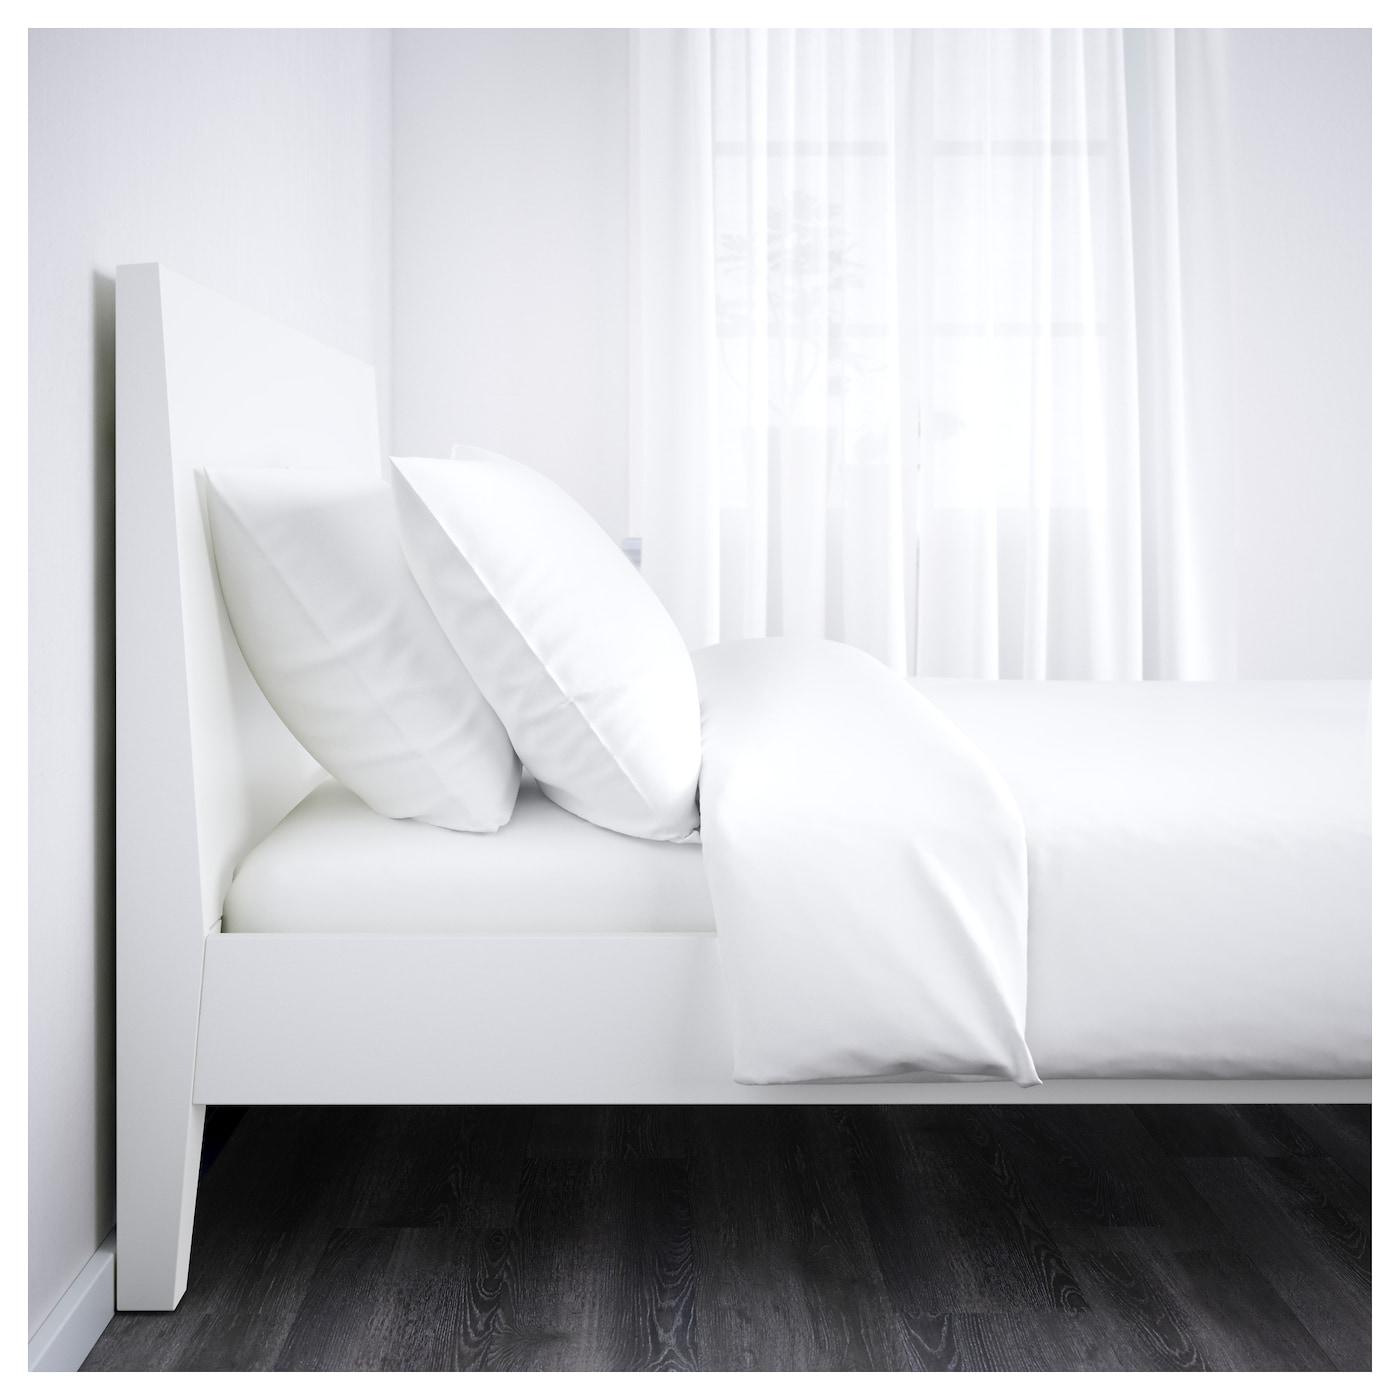 nordli bed frame white leirsund 140x200 cm ikea. Black Bedroom Furniture Sets. Home Design Ideas